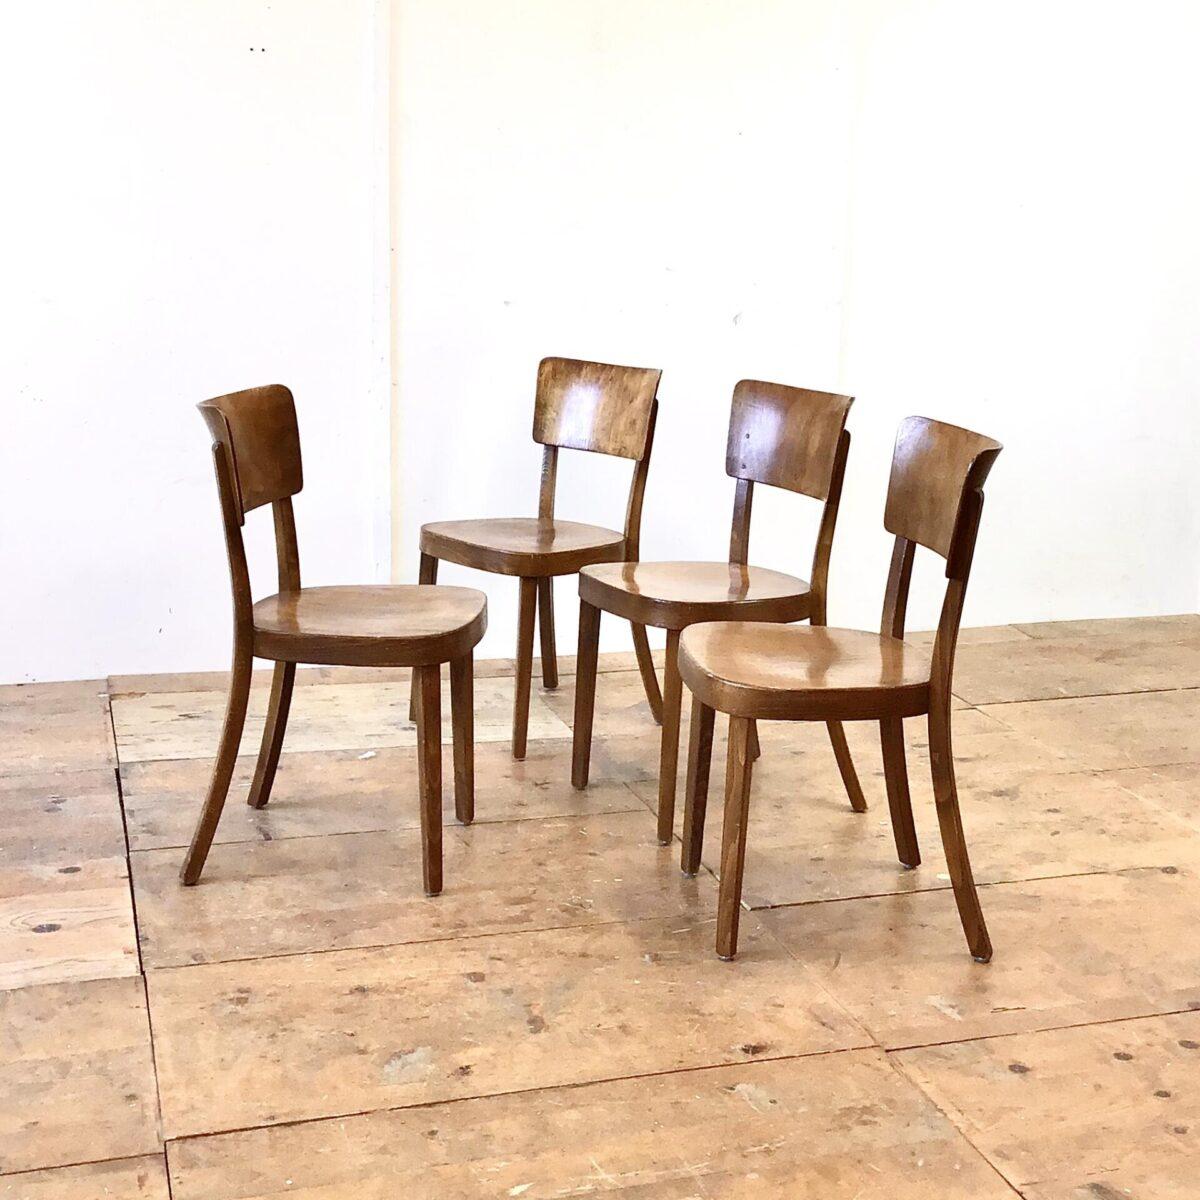 Schön erhaltenes 4er Set horgenglarus Stühle, Modell Safran. Die Holzmaserung ist gut sichtbar mit dunkelbrauner Alterspatina. Dieses Modell wird auch heute noch produziert, haben aber natürlich nicht diese Ausstrahlung. Für mich persönlich eine der bequemsten Rückenlehne die horgenglarus zu bieten hat.